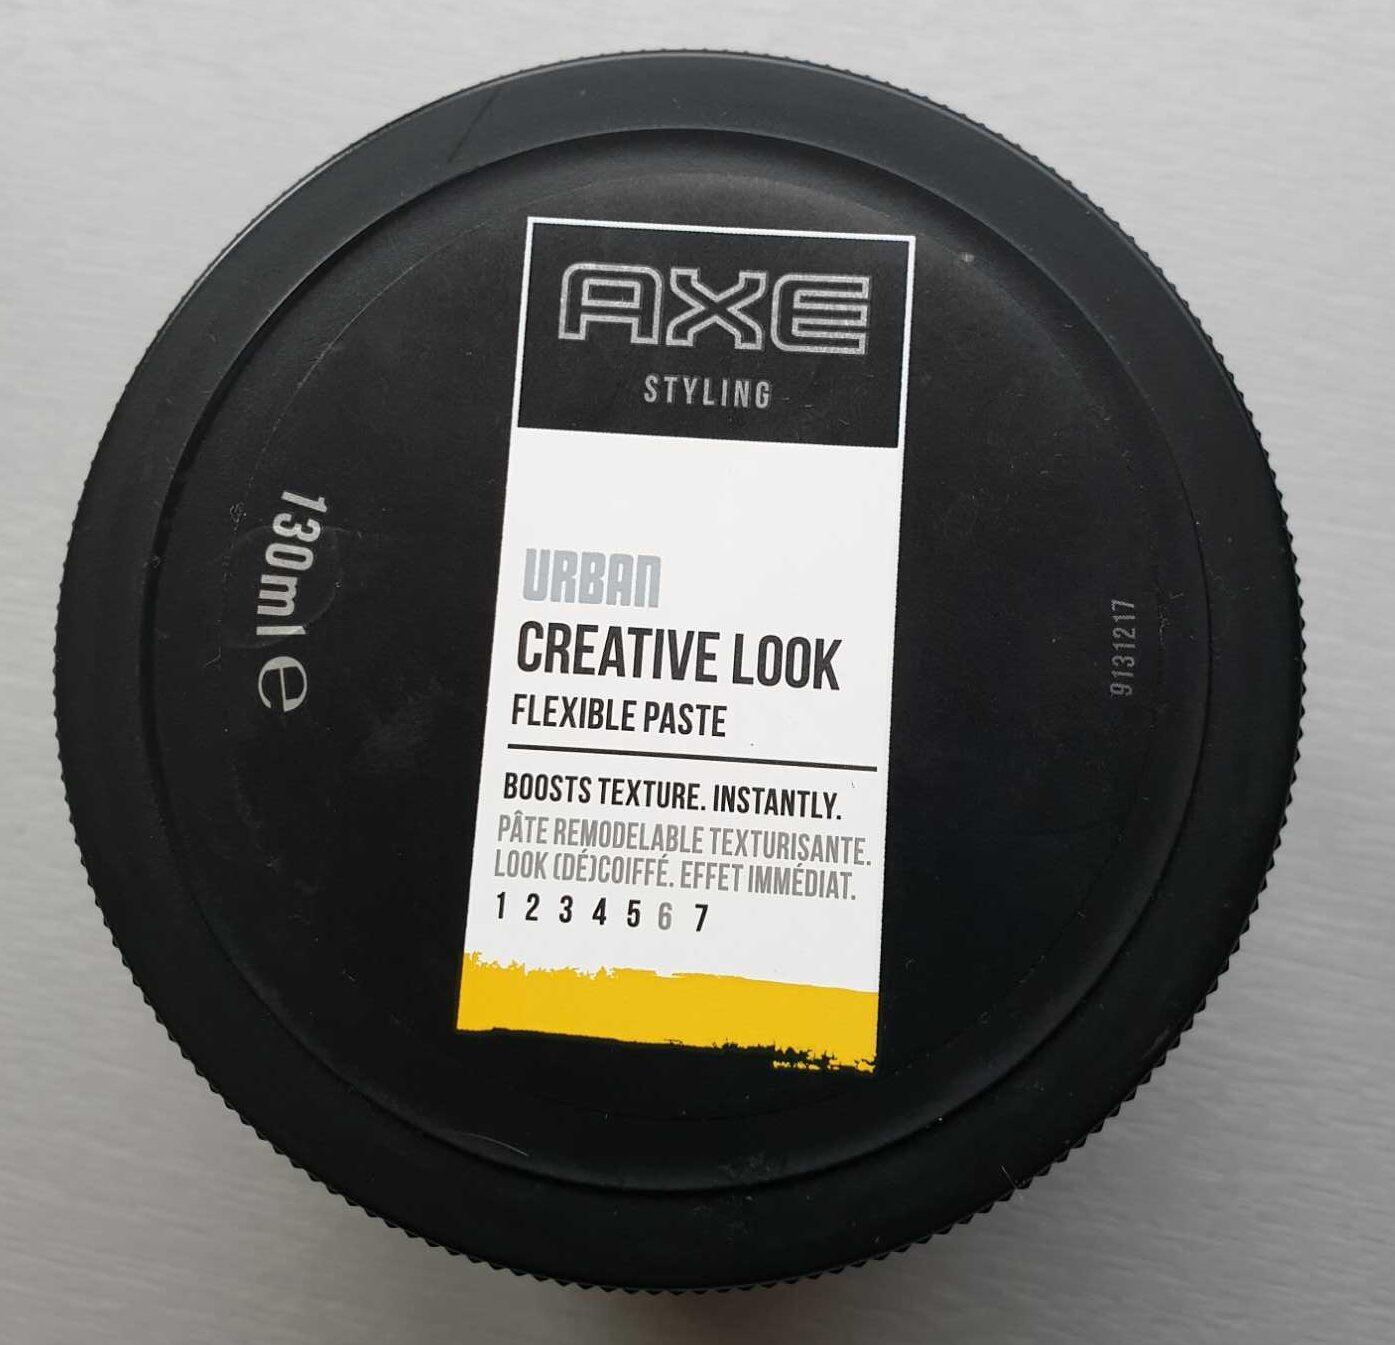 Axe Urban Creative Look Flexible Paste - Product